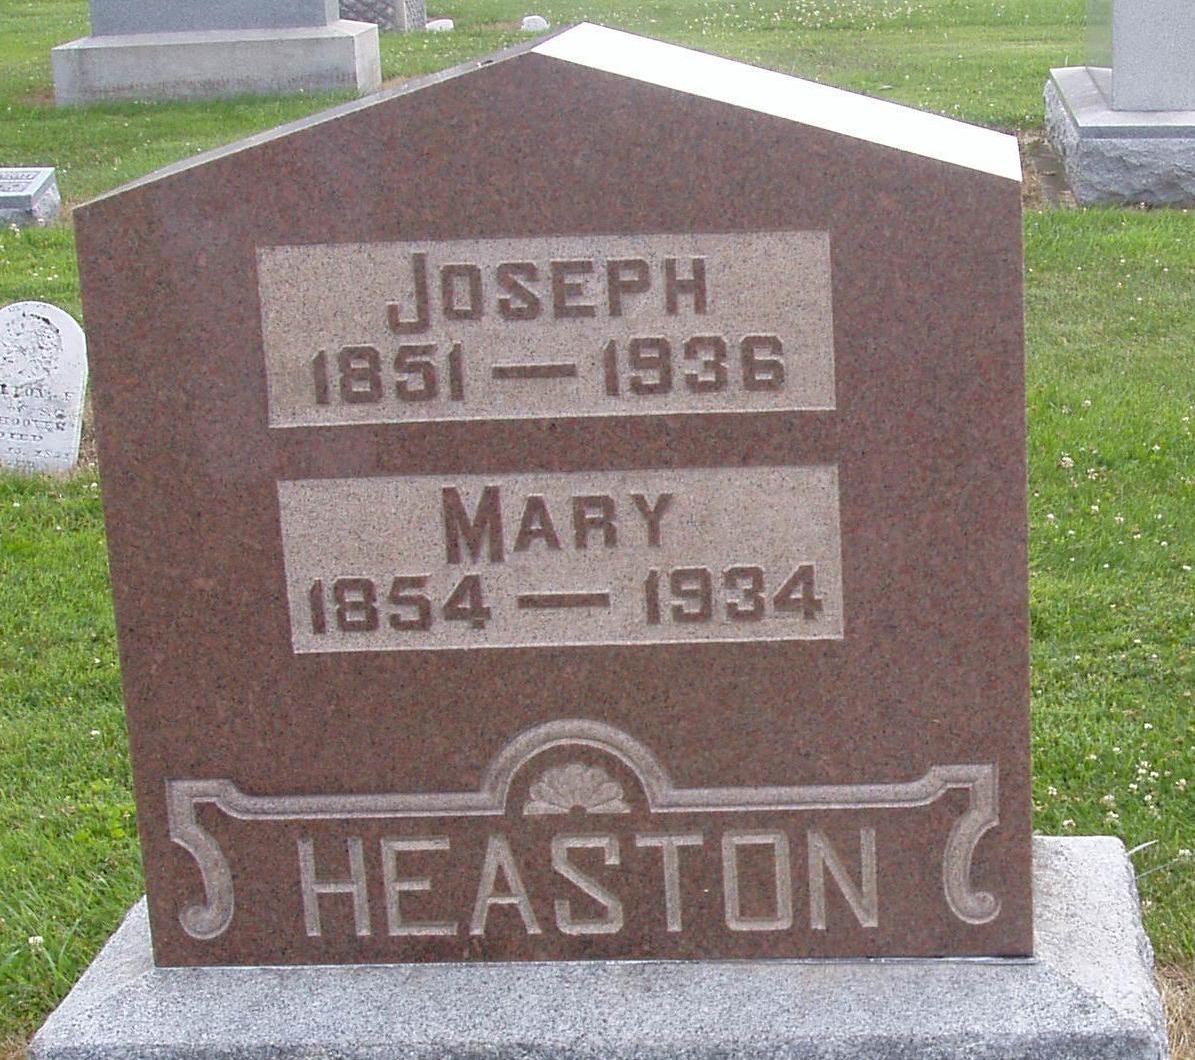 Joseph Heaston